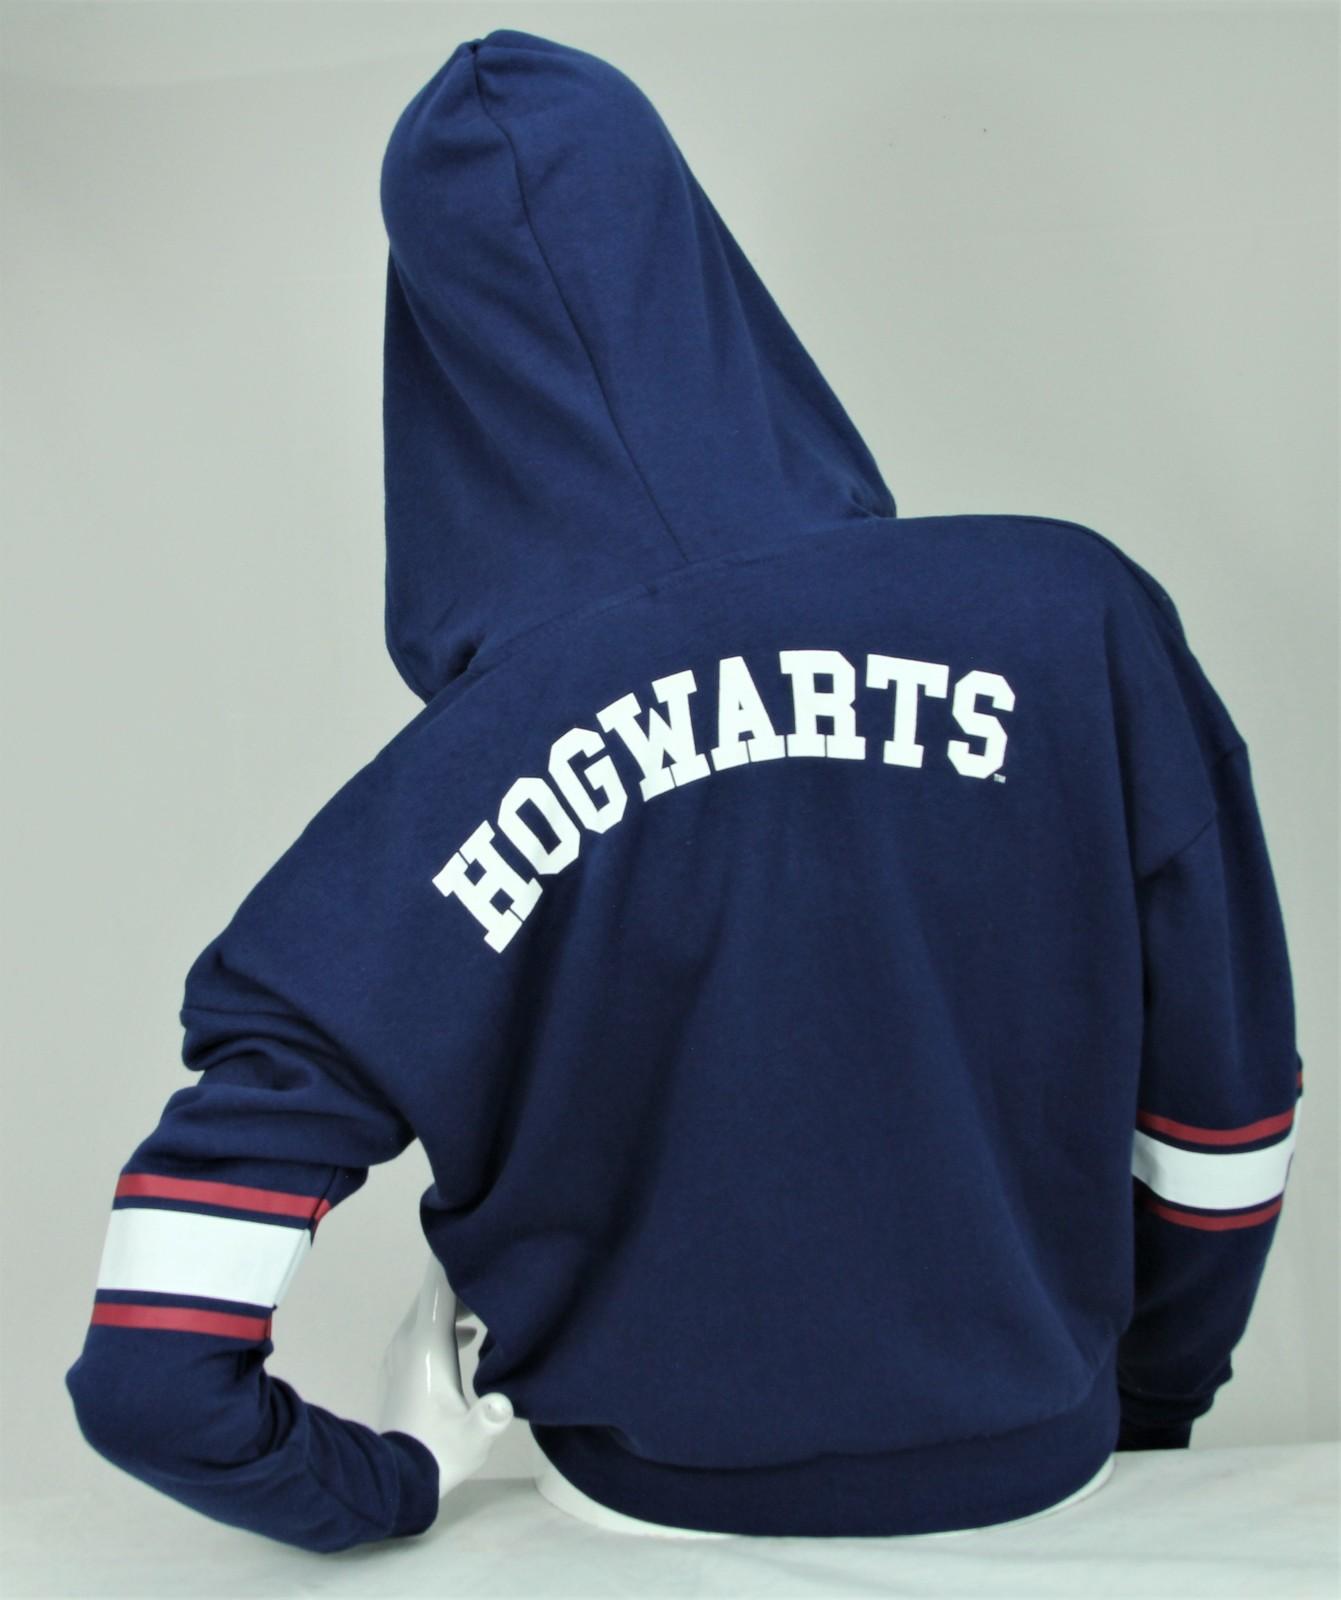 Harry Potter: Hogwarts Varsity - Lace-Up Hoodie (Large) image